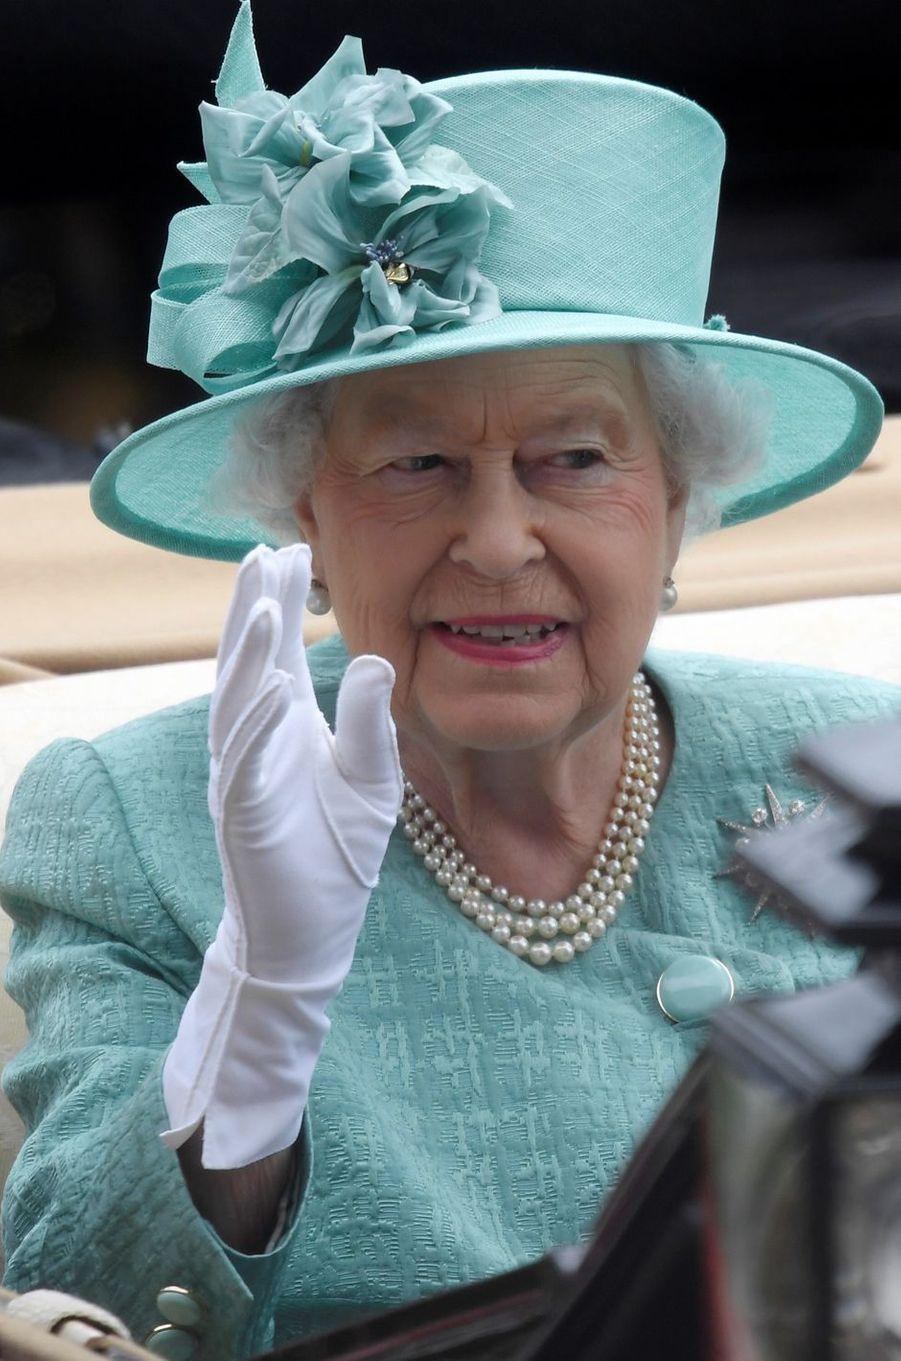 La reine Elizabeth II au Royal Ascot, le 23 juin 2017